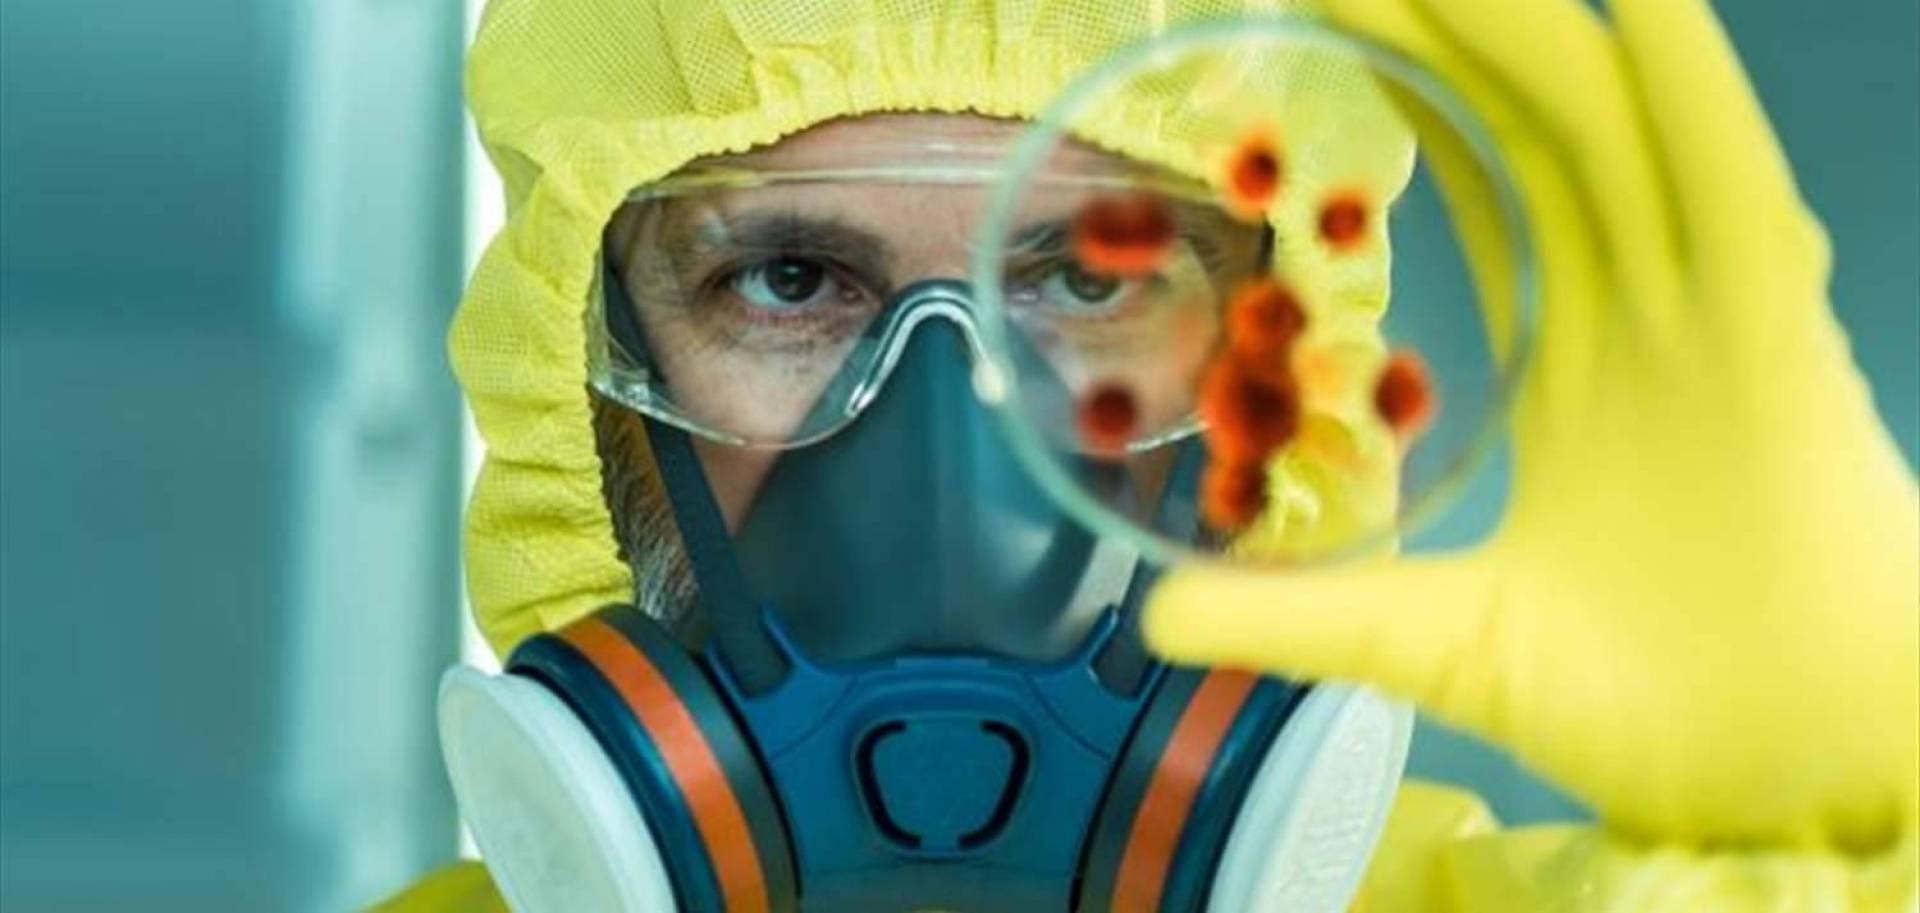 الخبراء يحذرون: وباء إنفلونزا غامض .. سيتسبب في مقتل 80 مليون شخص